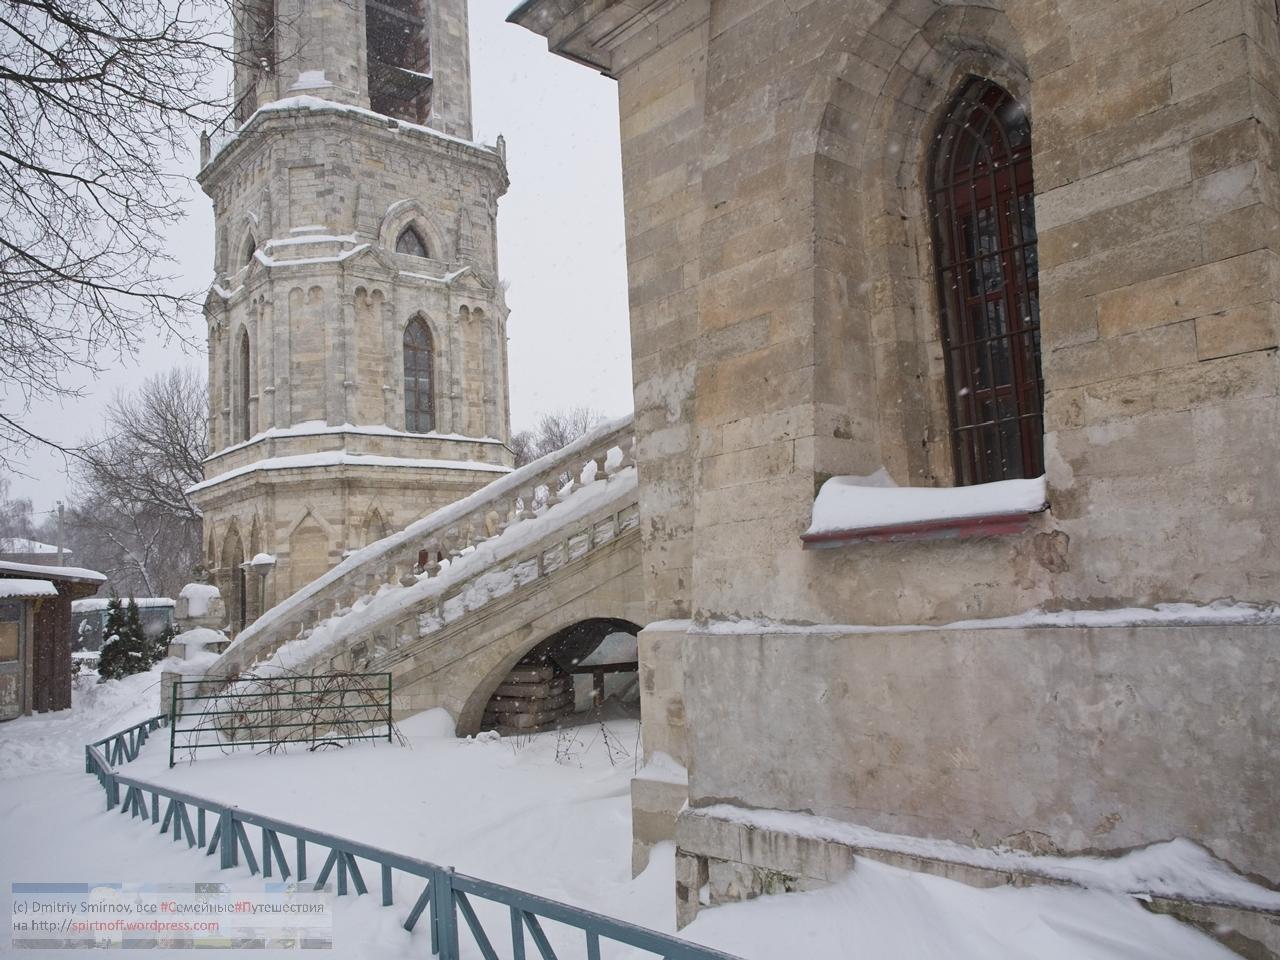 SMI11213-Blog-75 Всякое  Та самая готишная церковь и горка усадьбы Быково